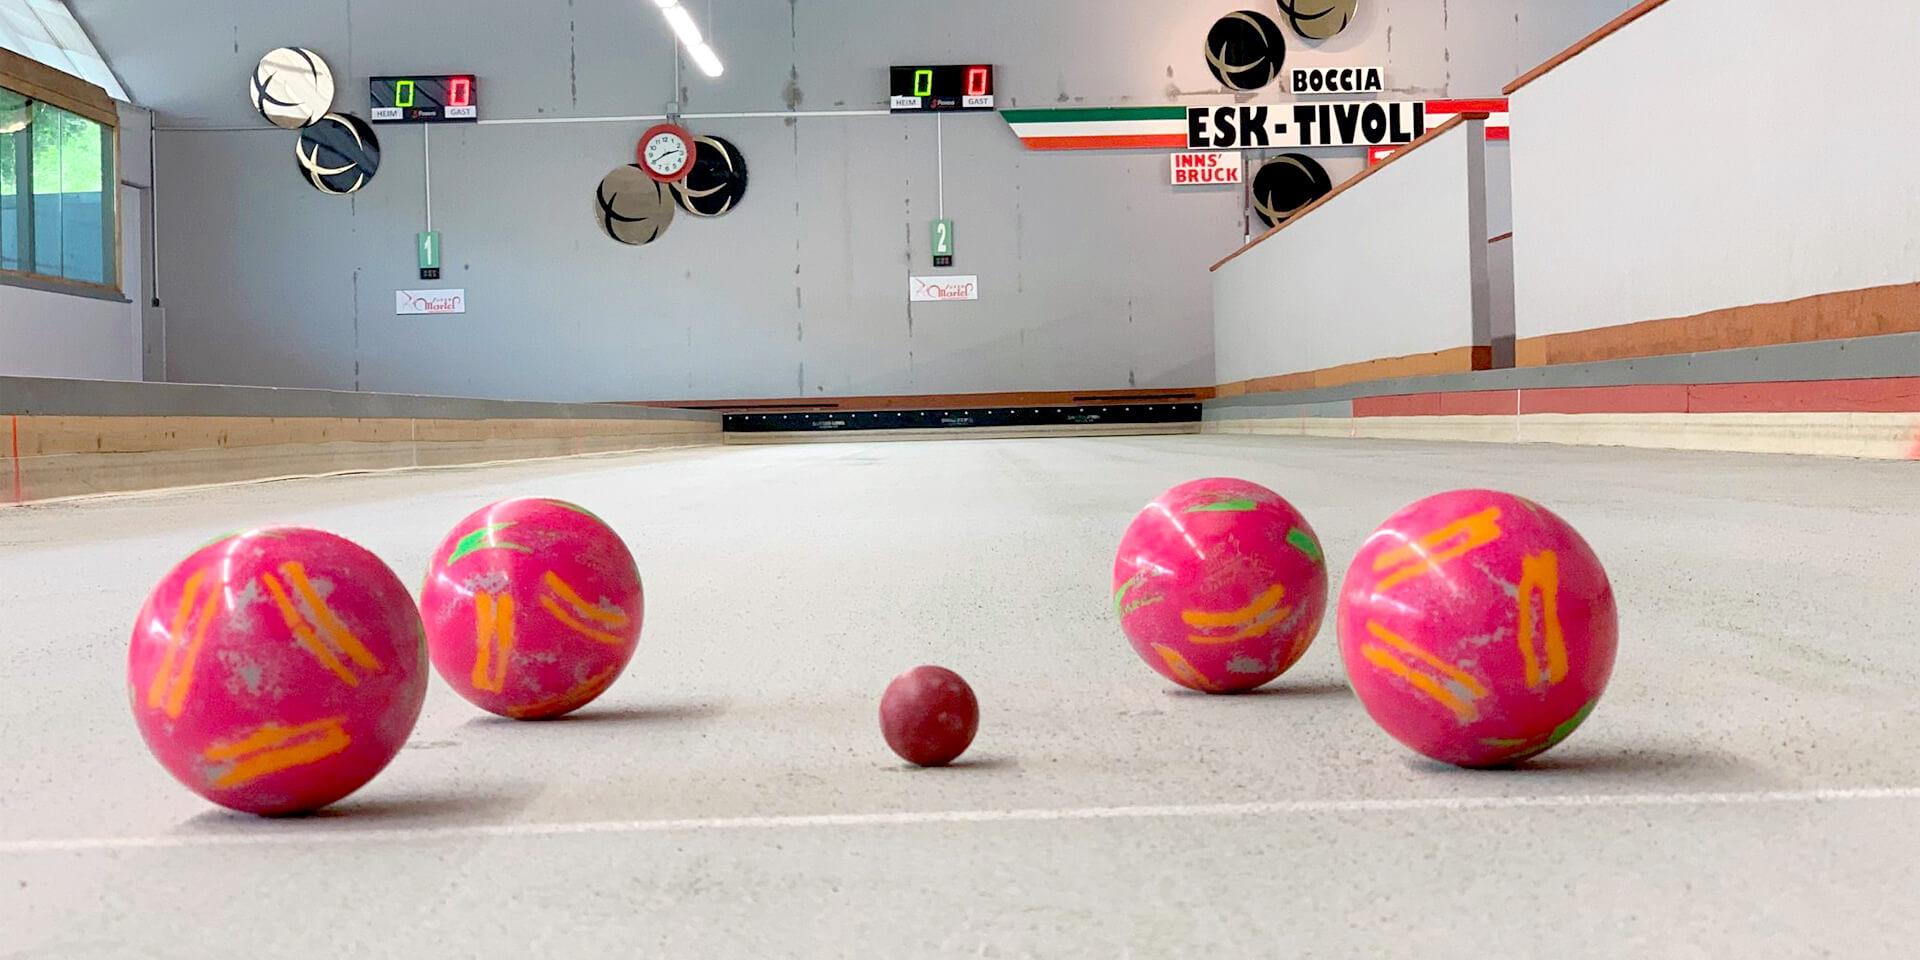 Boccia-Turnier 2020 beim ESK-Tivoli